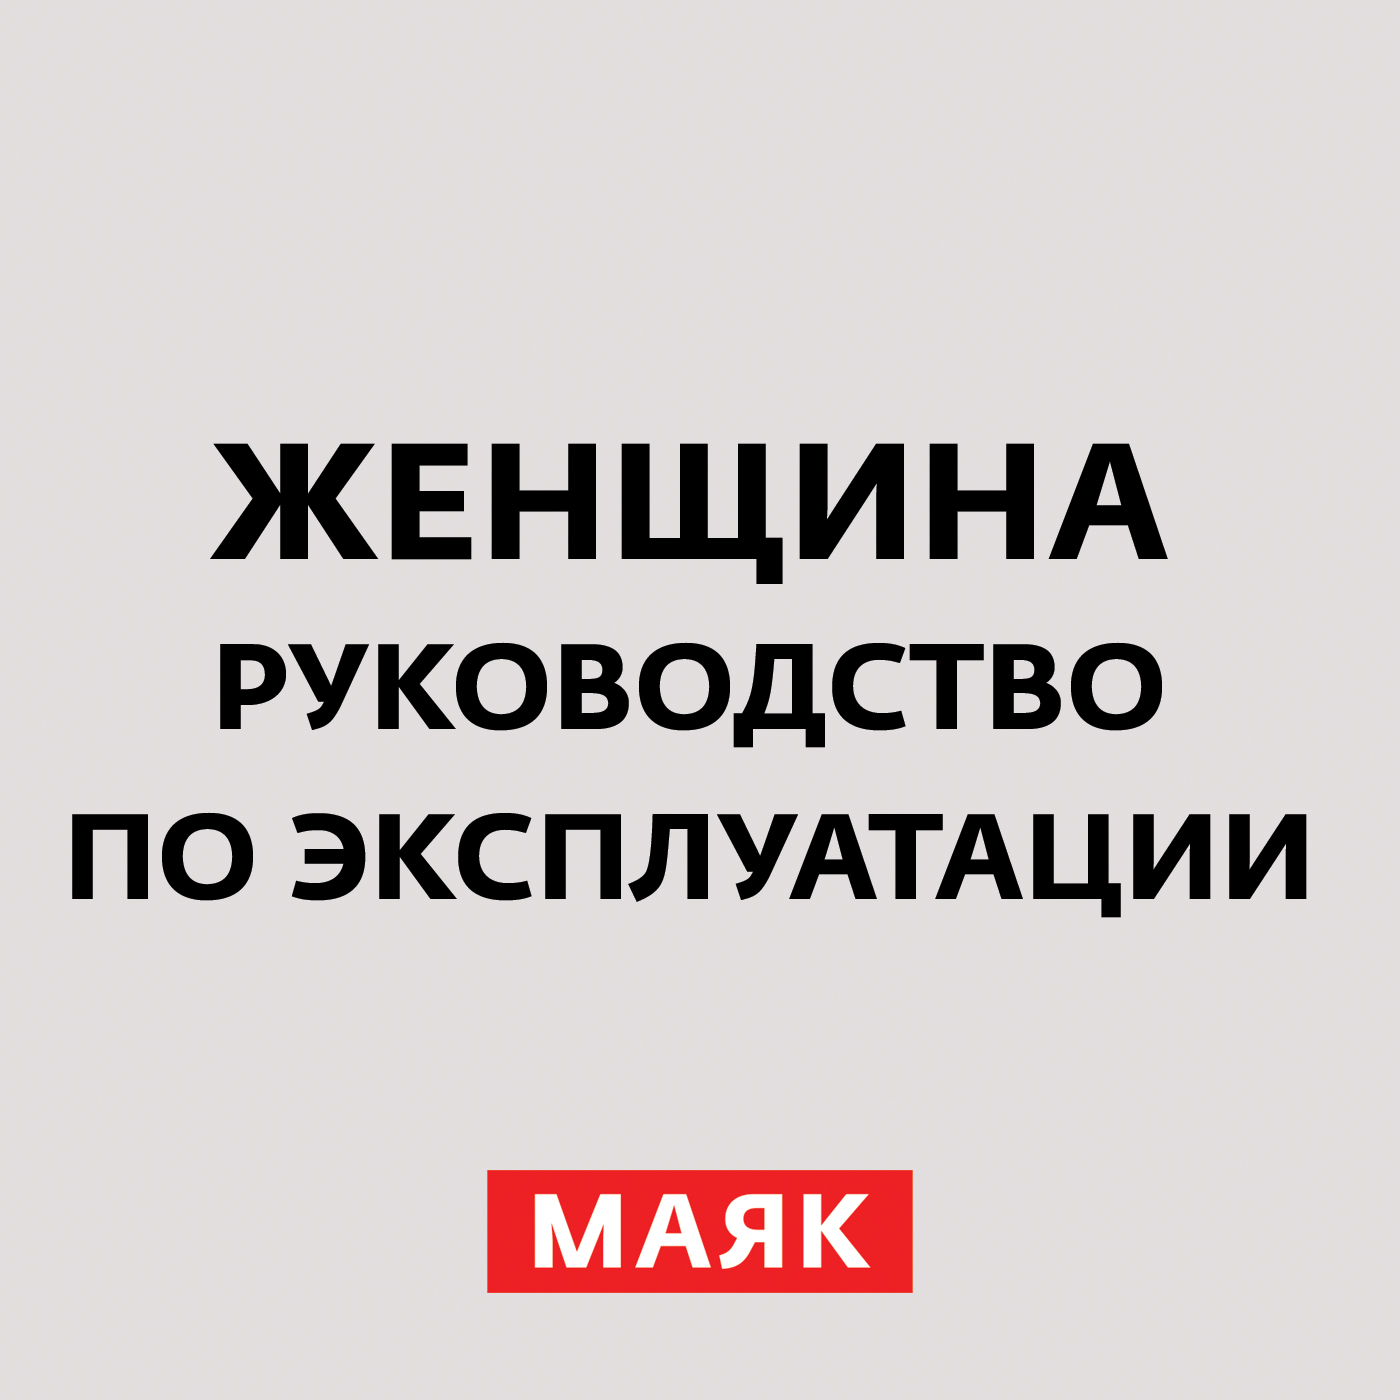 Творческий коллектив радио «Маяк» Курортные романы творческий коллектив радио маяк нимфоманки